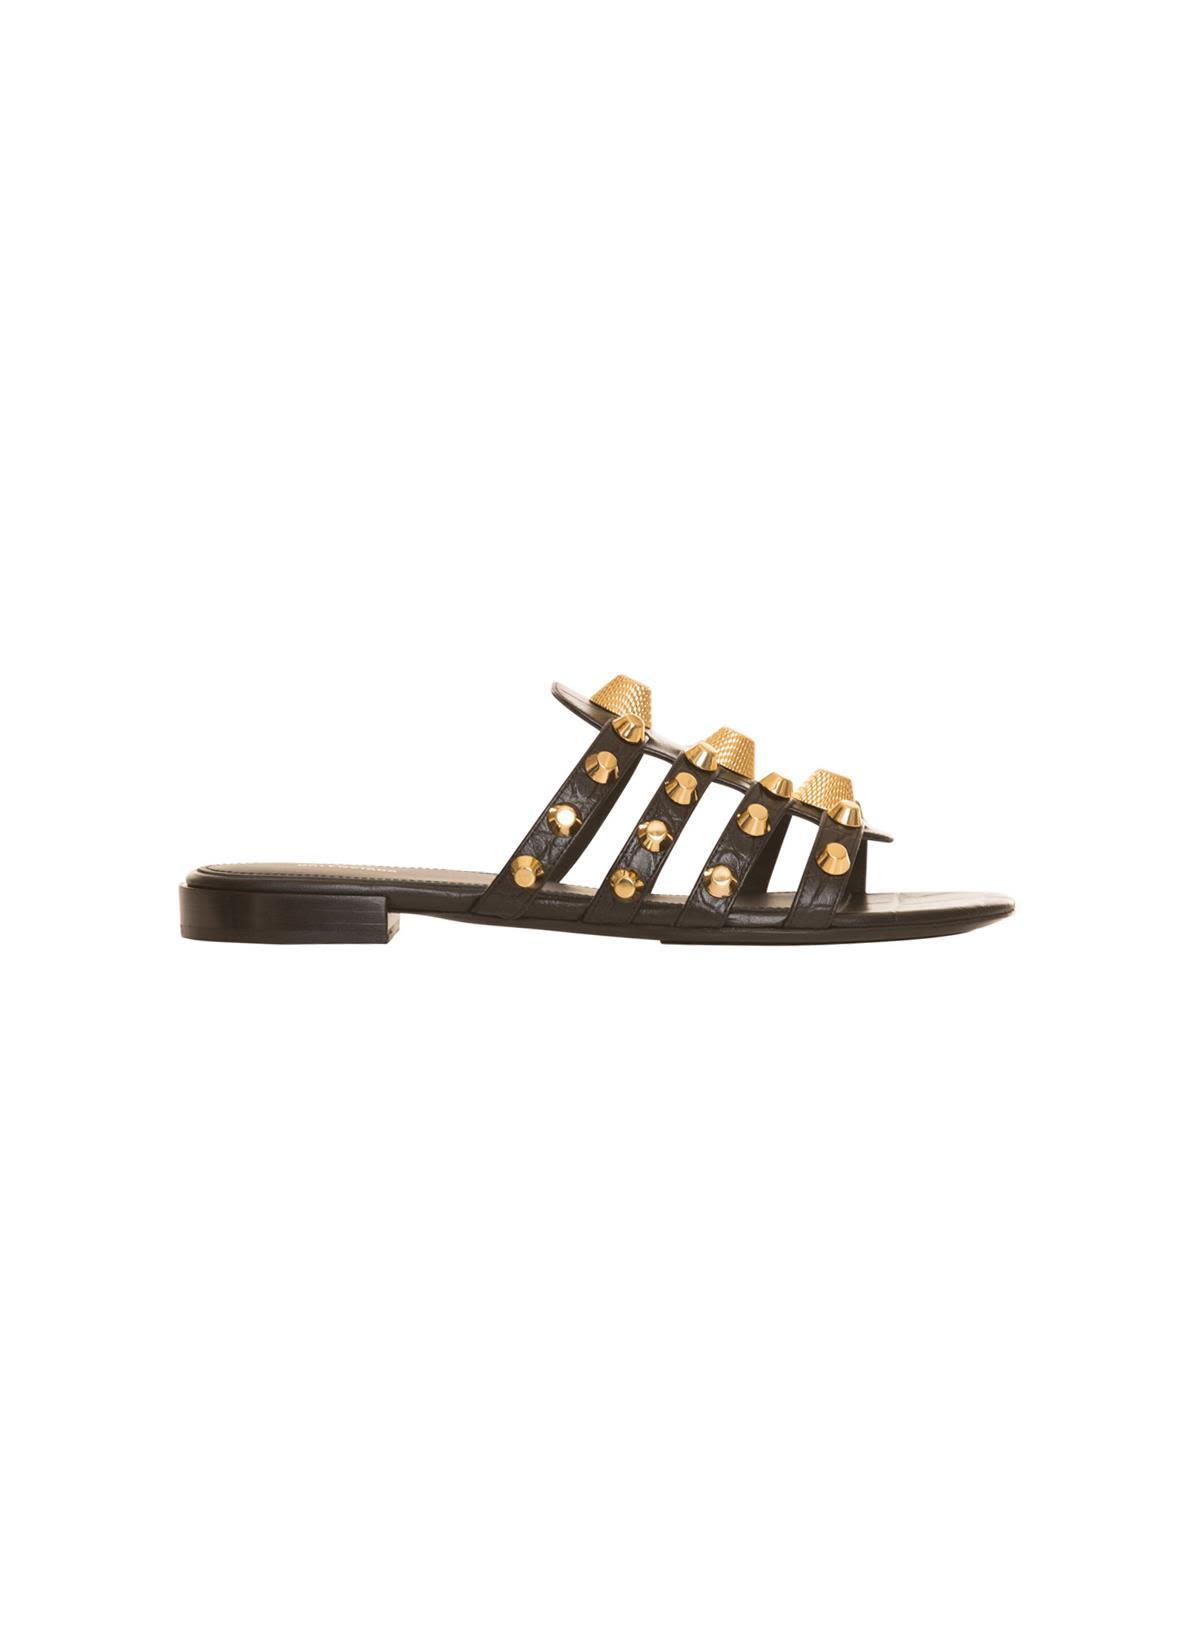 Balenciaga Shoes Balenciaga Sandals With Studs In Black